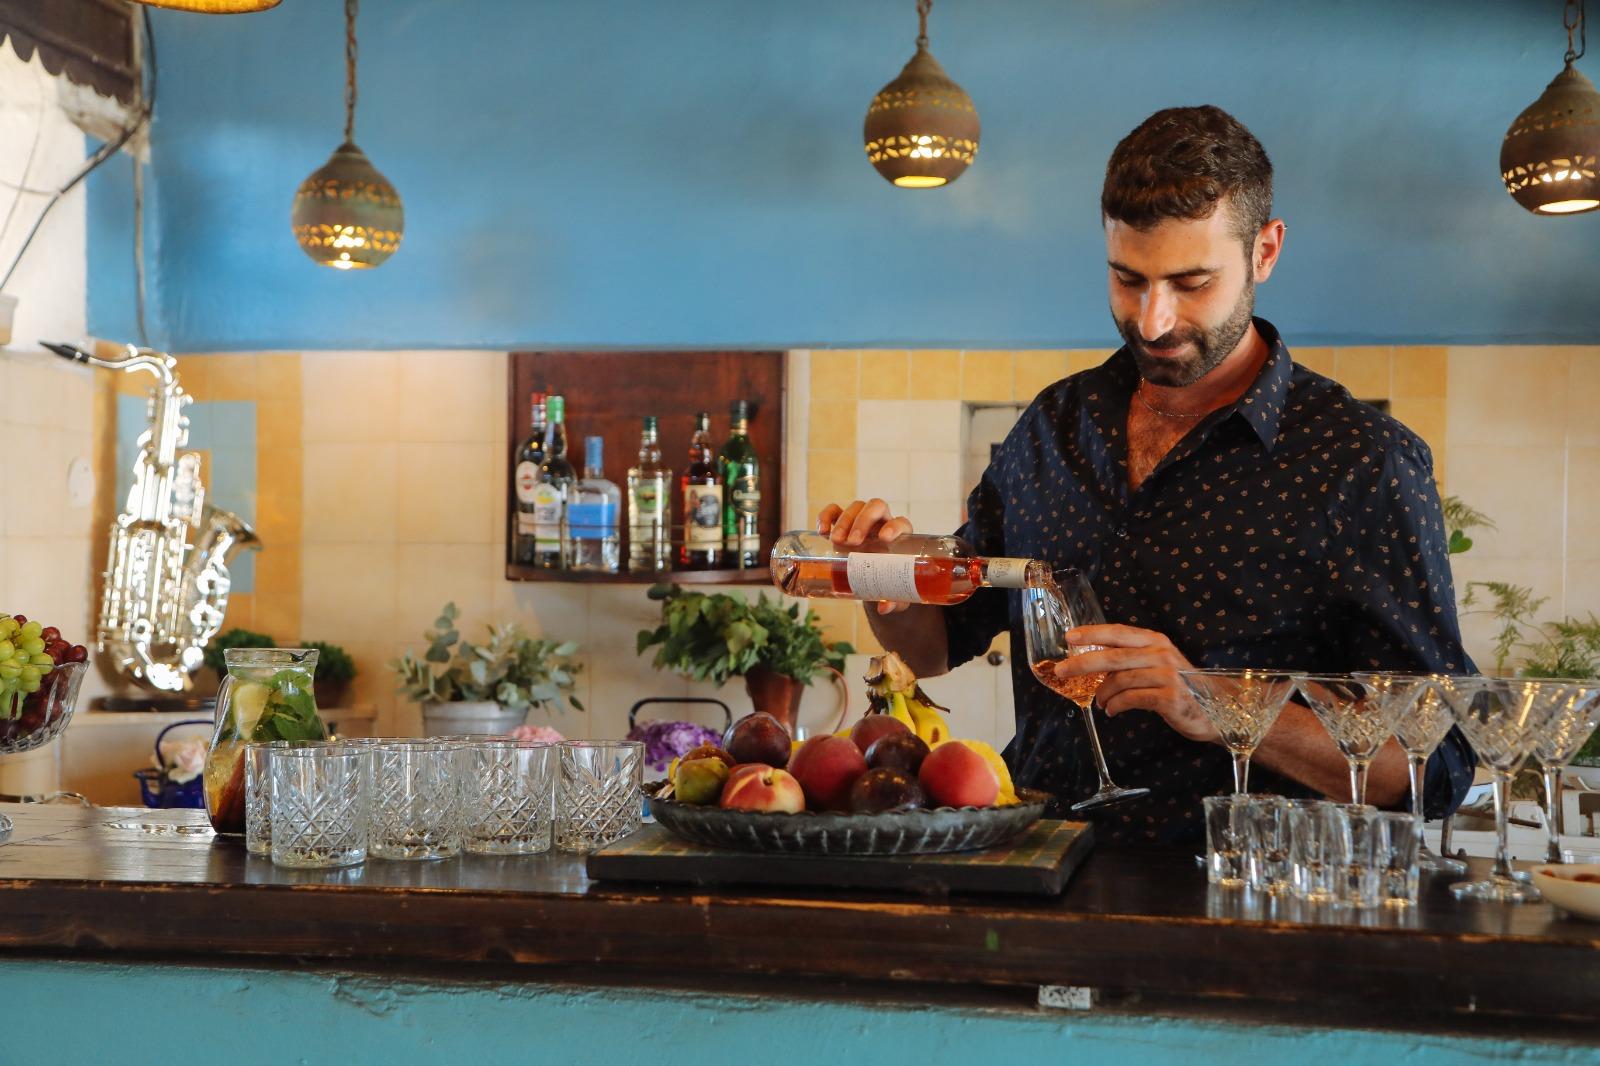 8. the bar and barman